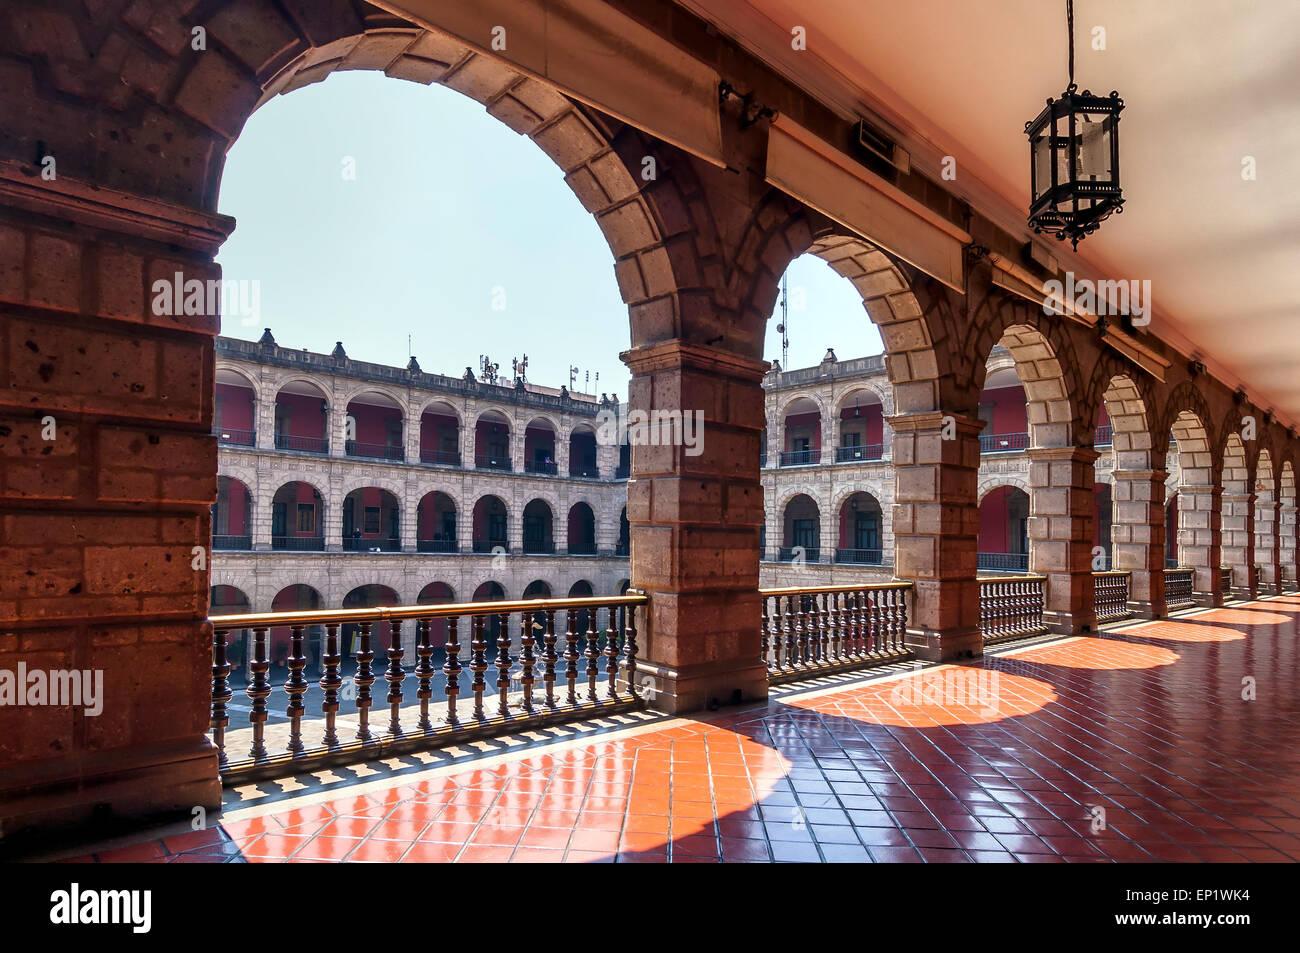 Palacio Nacional en la Ciudad de México, México Imagen De Stock